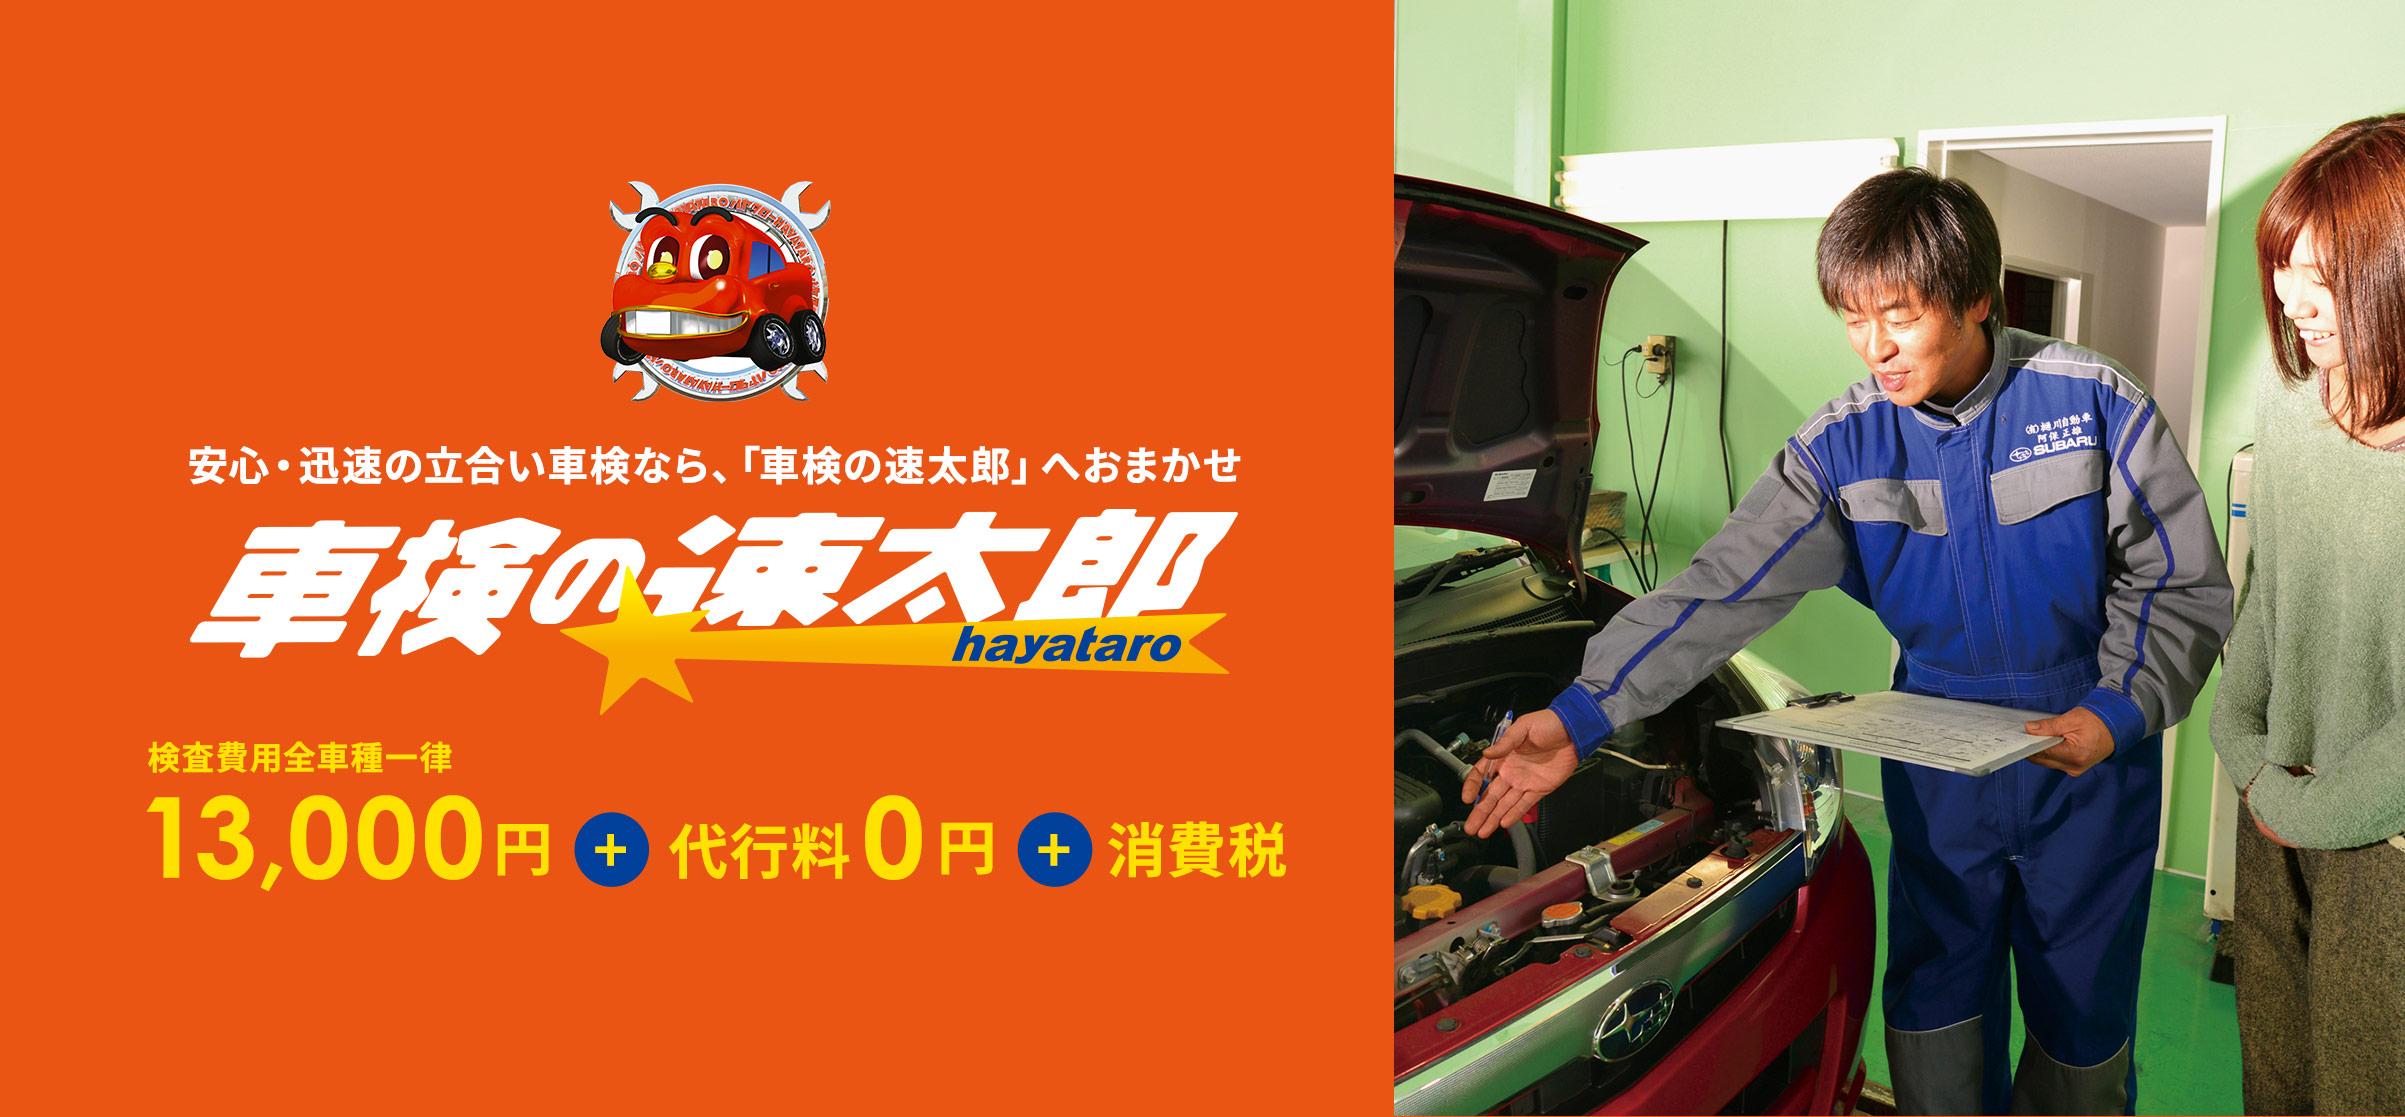 樋川自動車 車検の速太郎